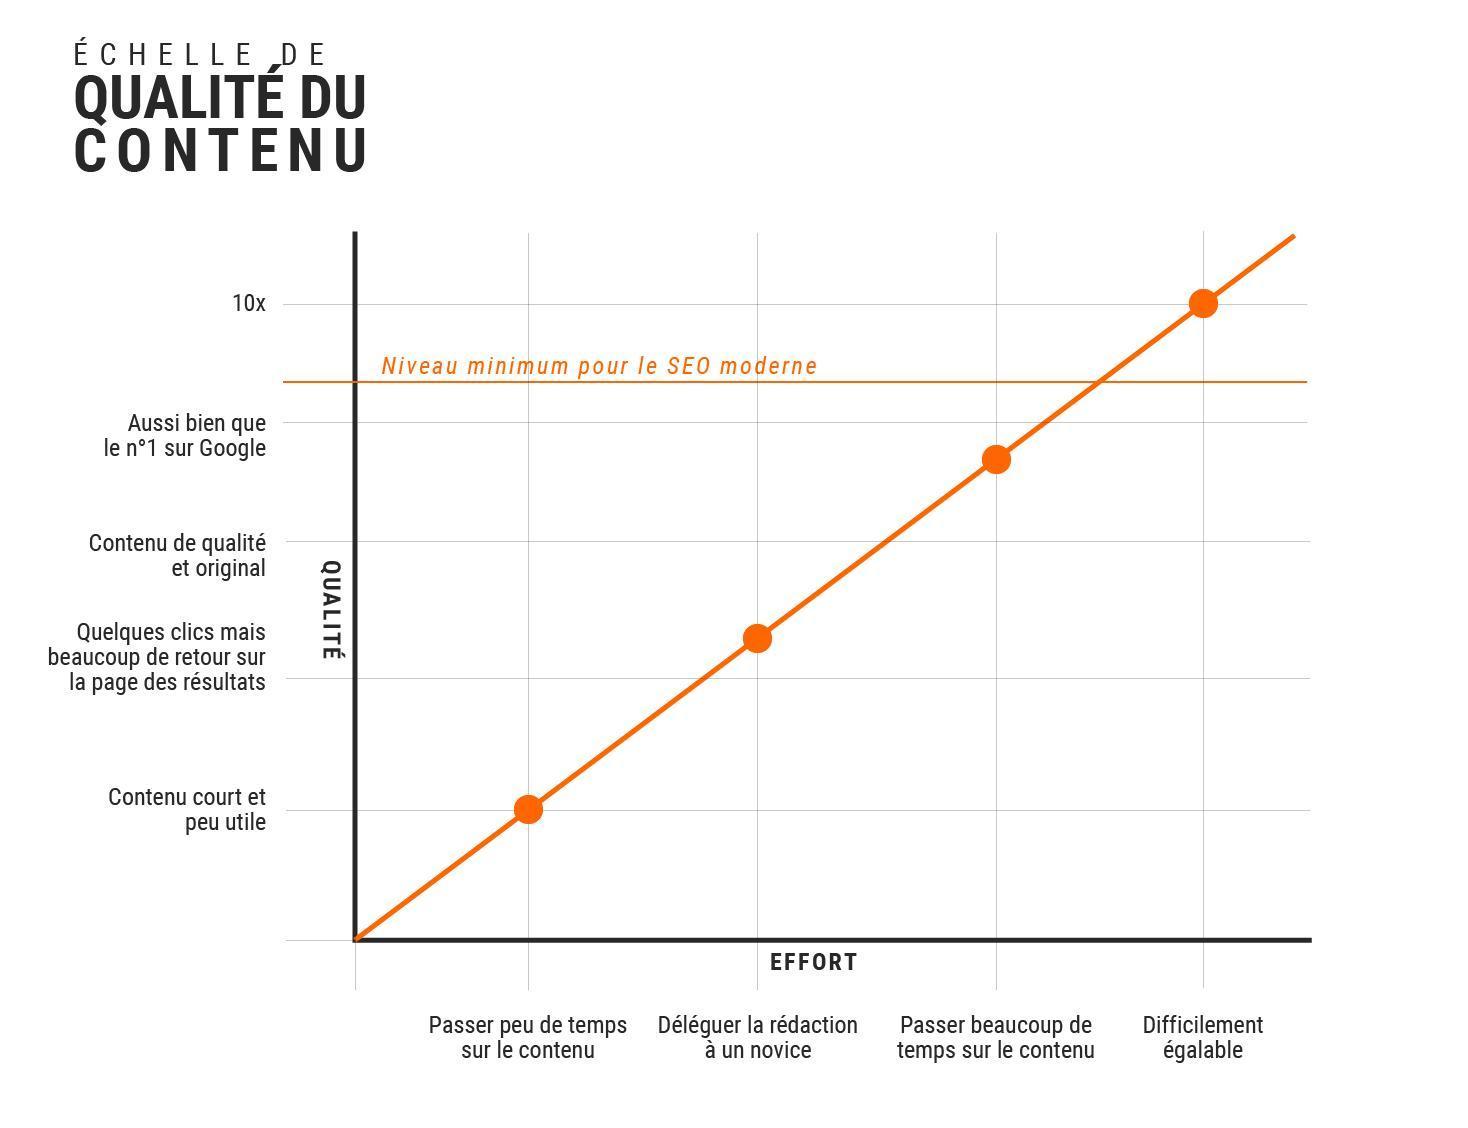 échelle de qualité du contenu web selon rand fishkin (10x content)